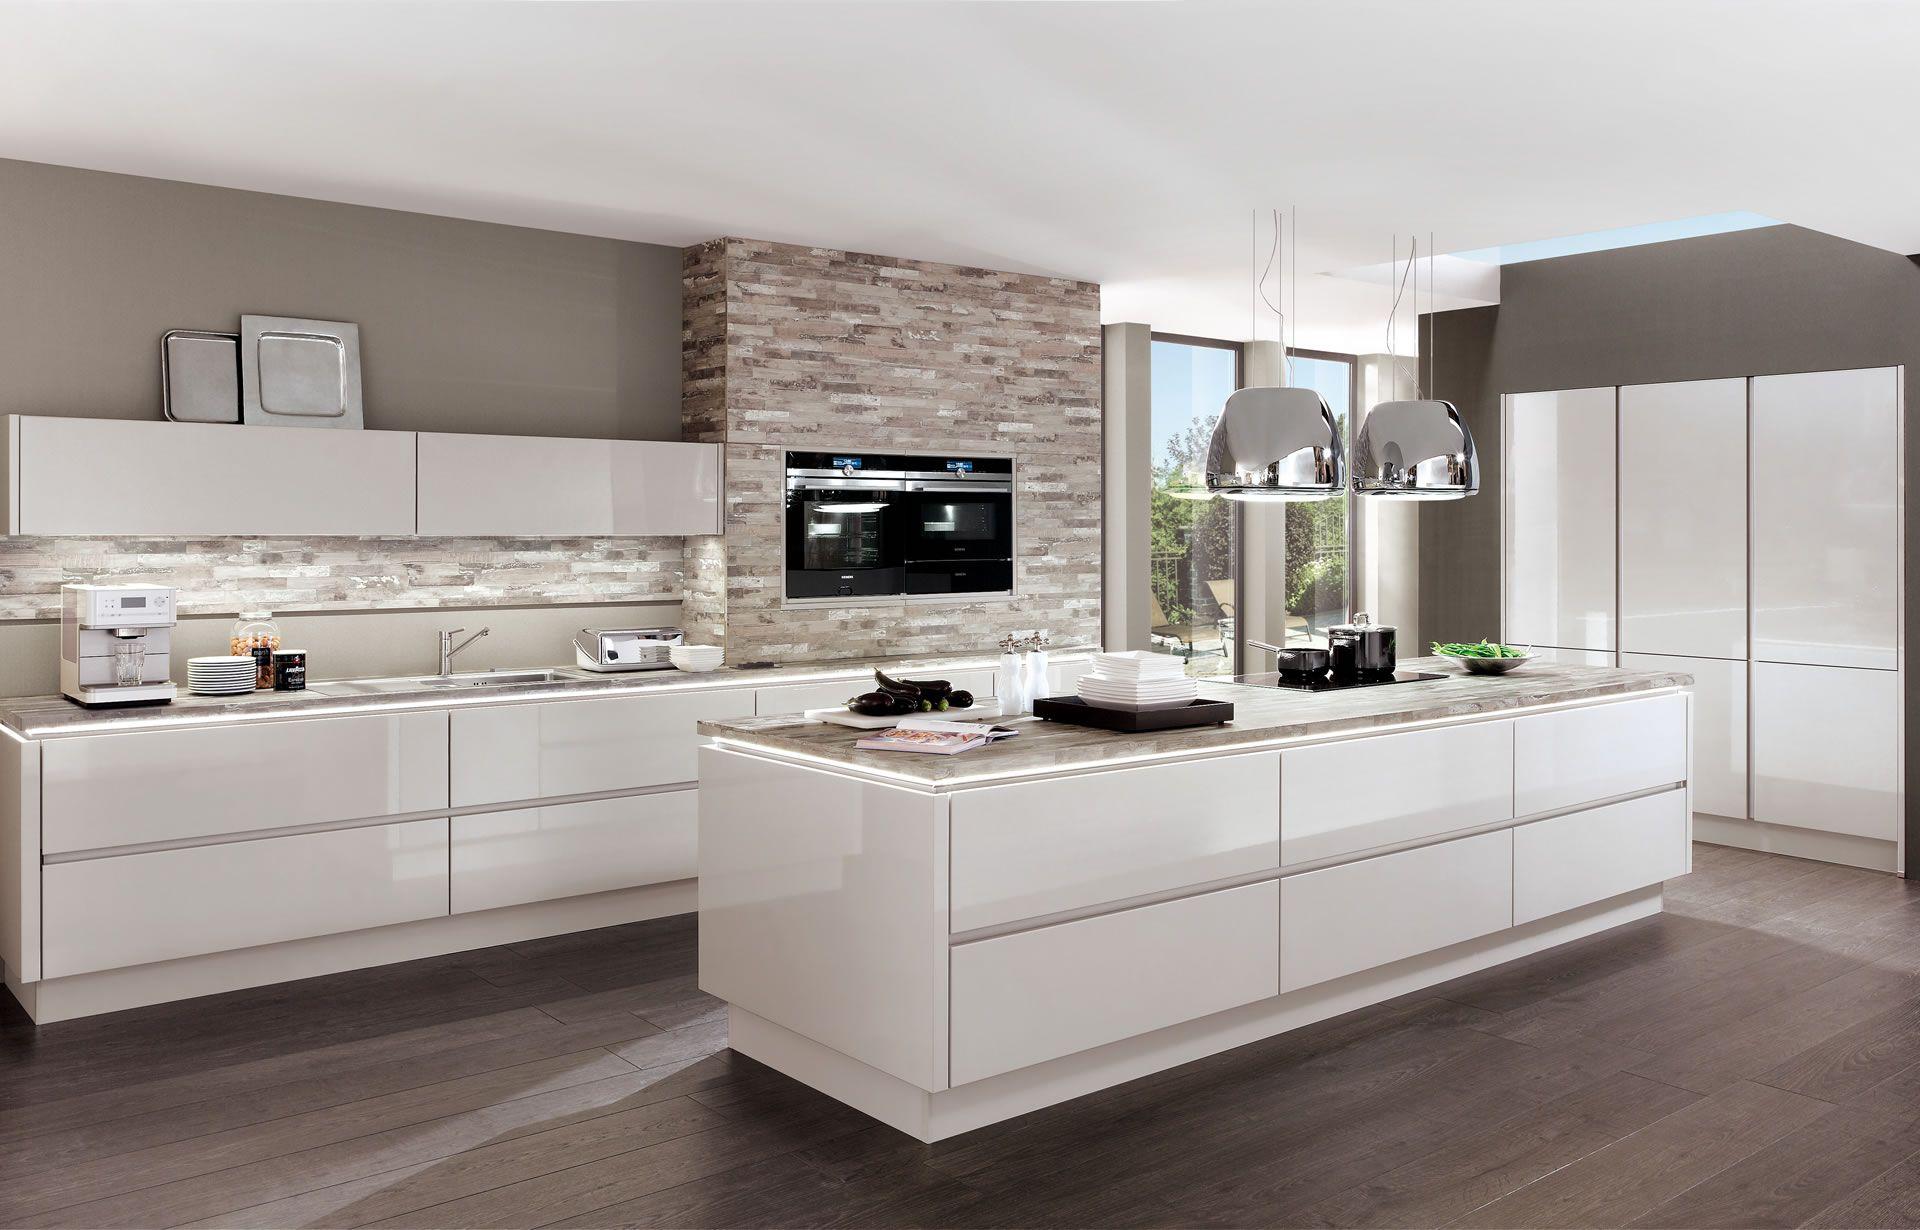 Küchenideen groß nobilia küchen  kitchens  nobilia  produkte  küche  pinterest